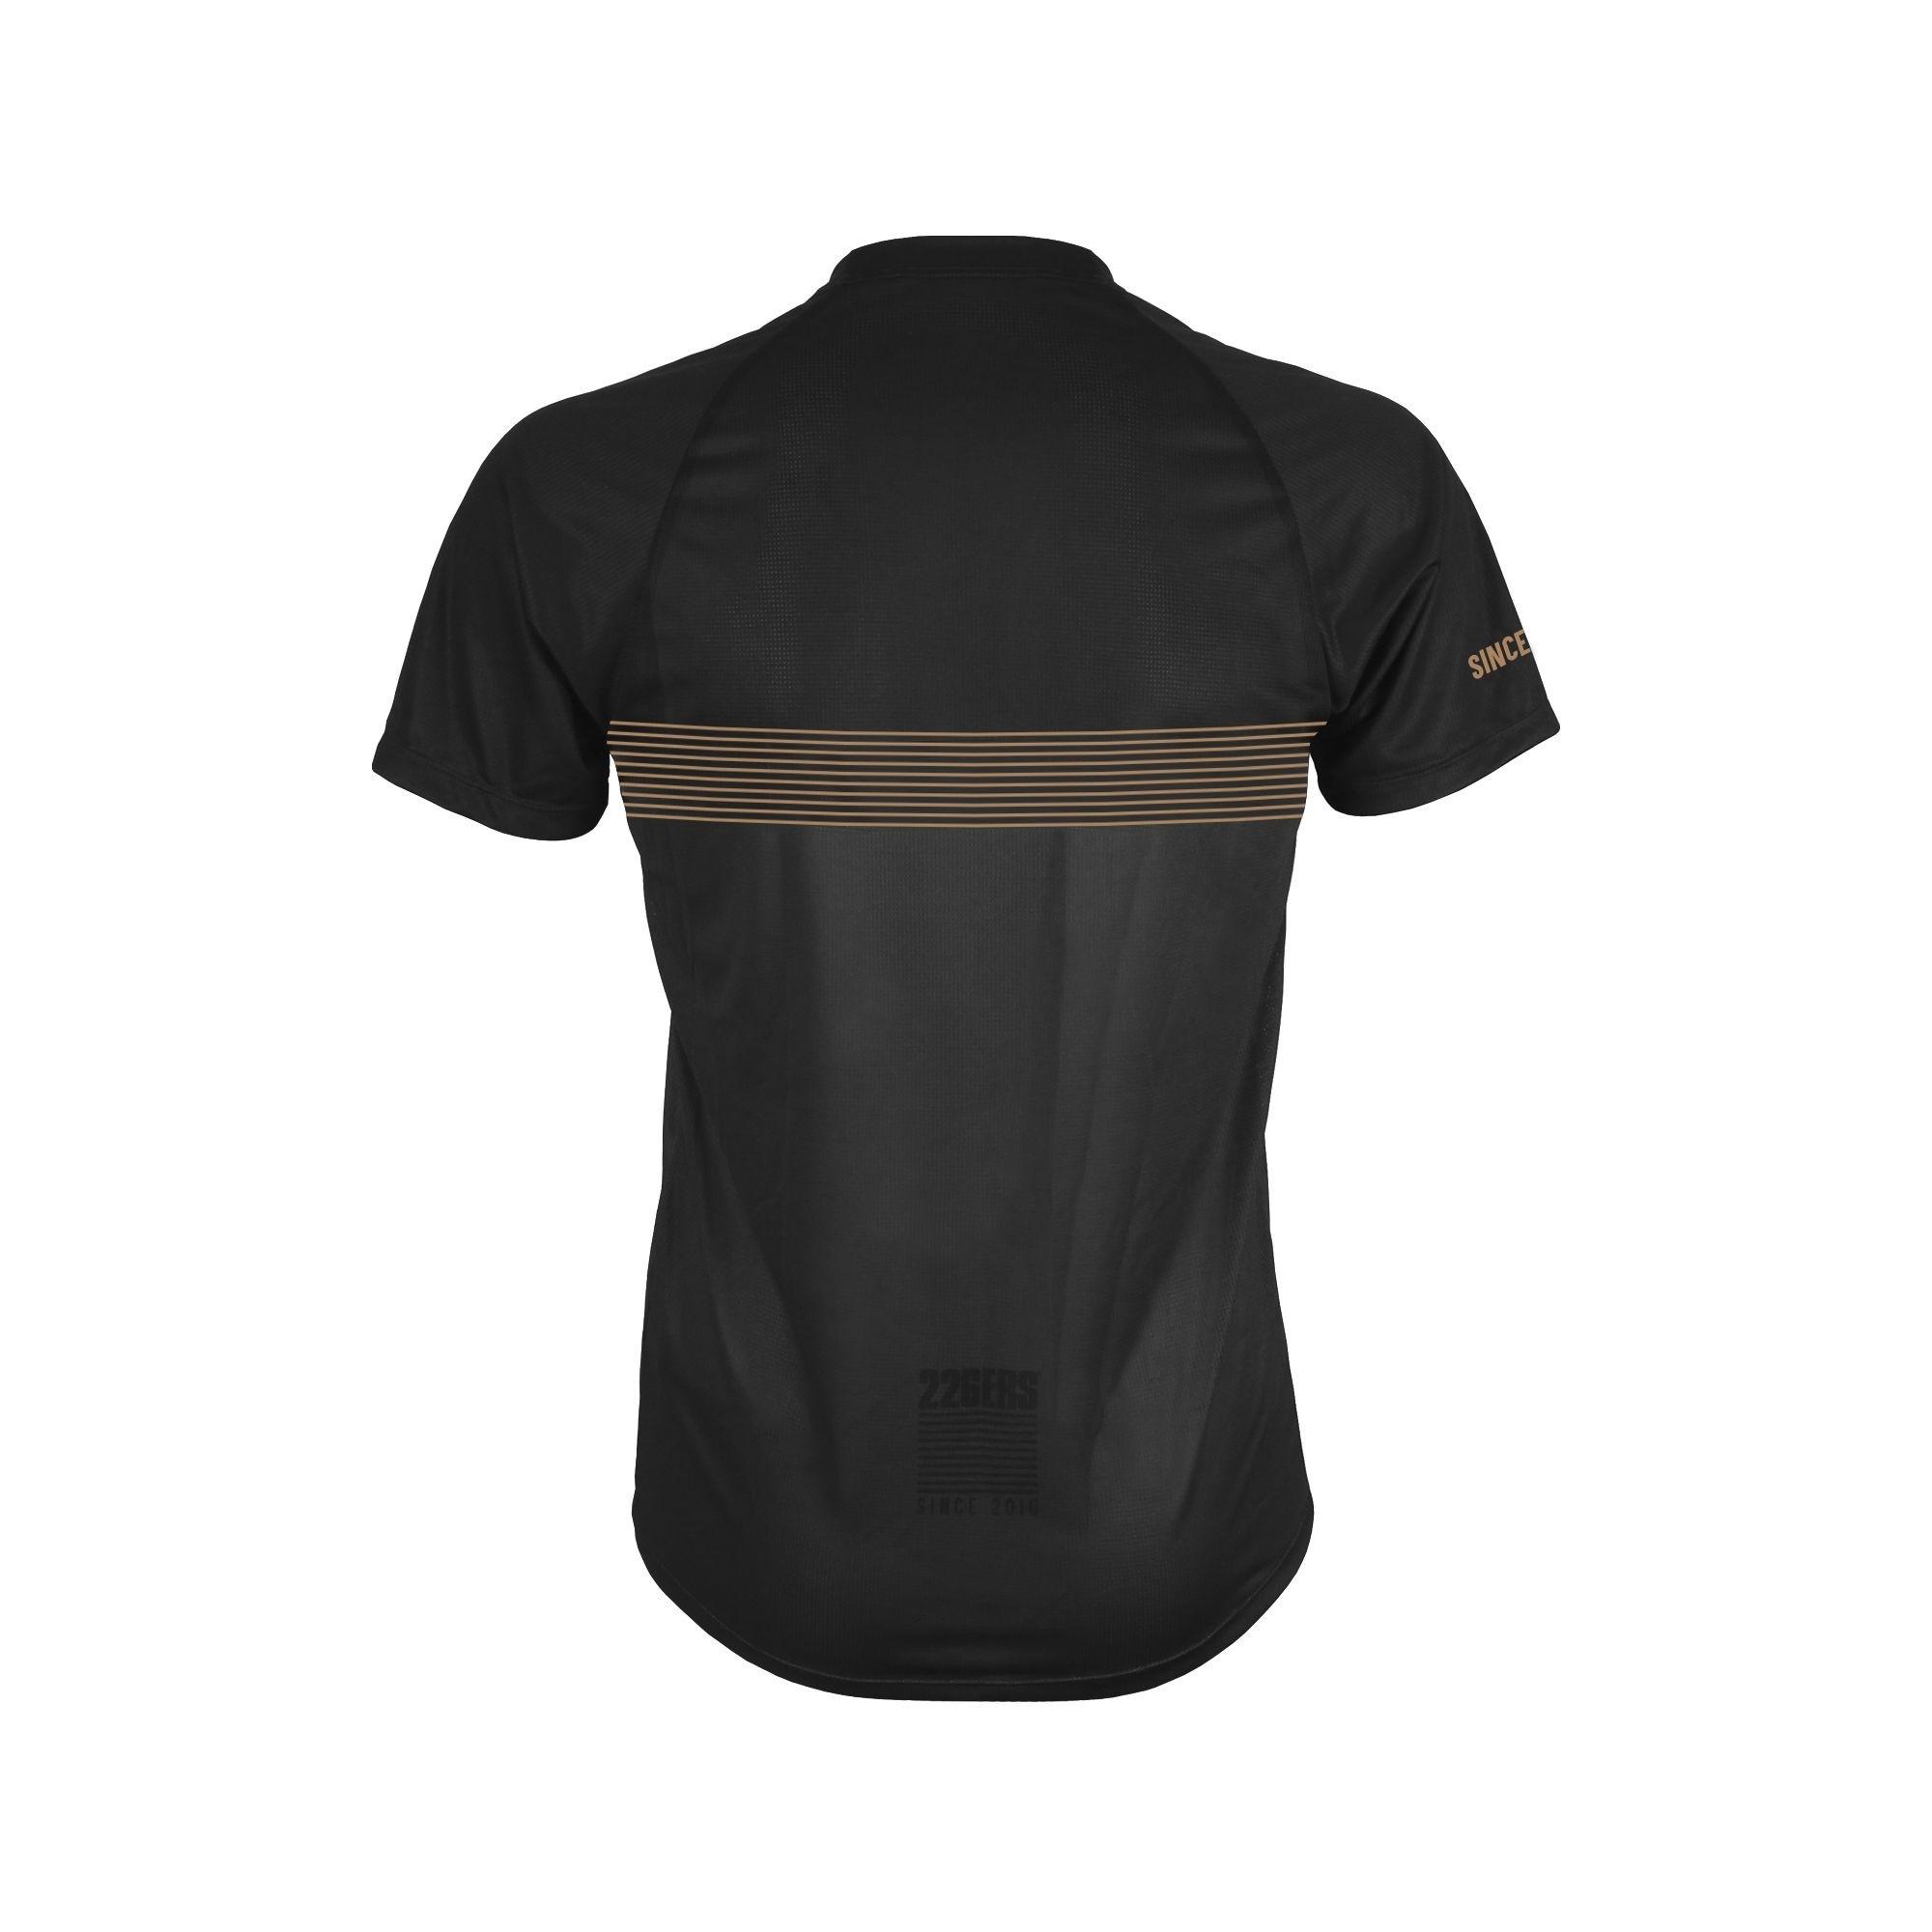 226ERS | Running T-shirt | SINCE 2010 LTD-2